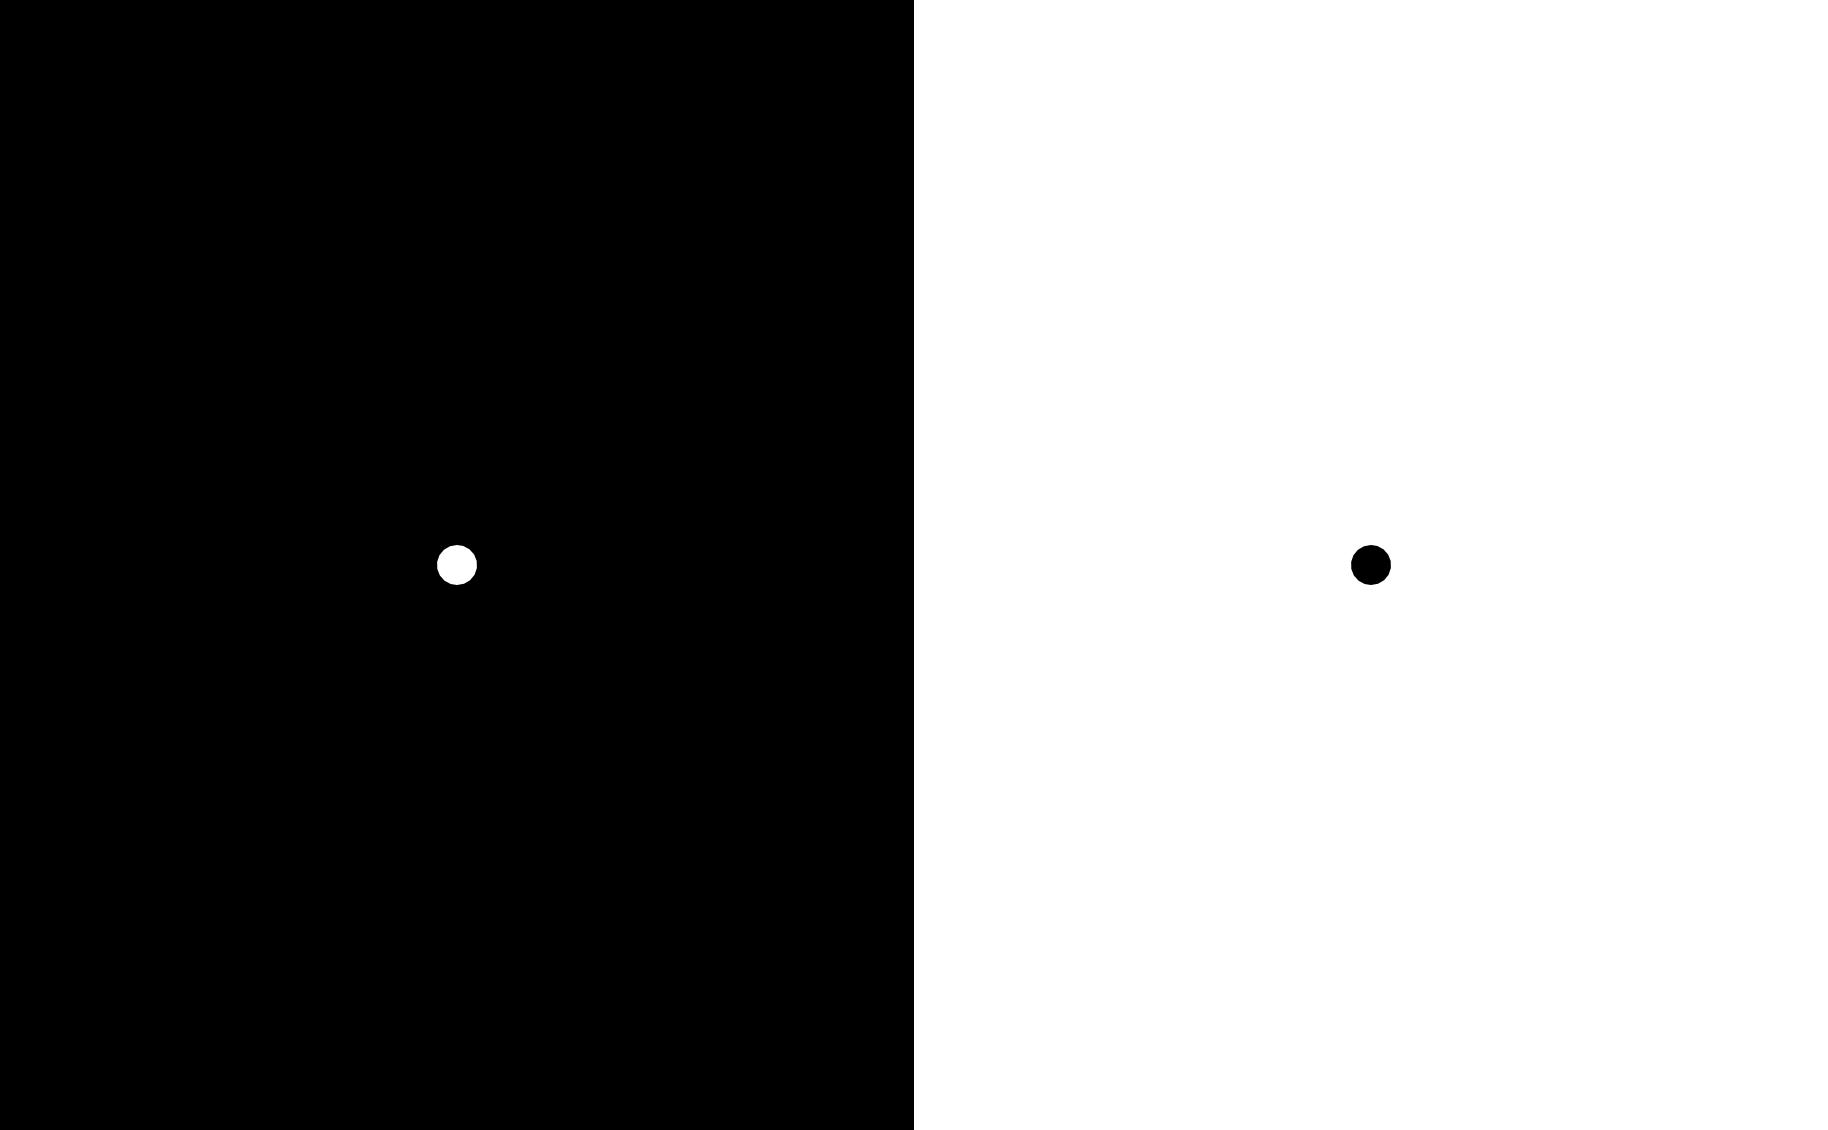 картинки точка на белом фоне его состоит том